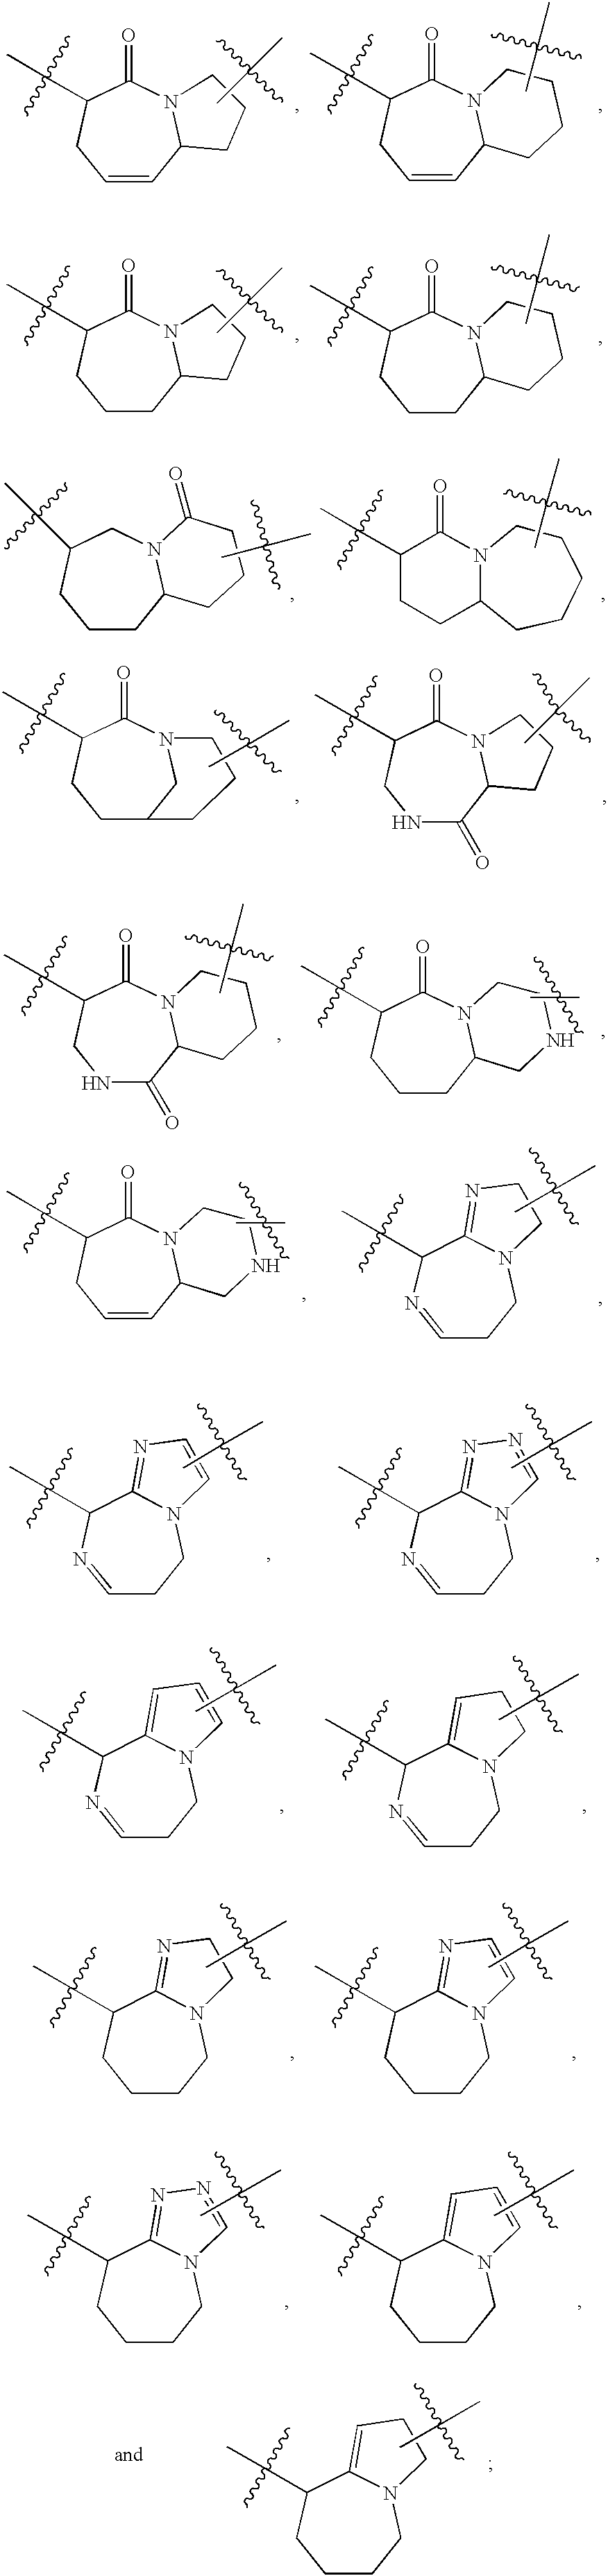 Figure US20020055501A1-20020509-C00199